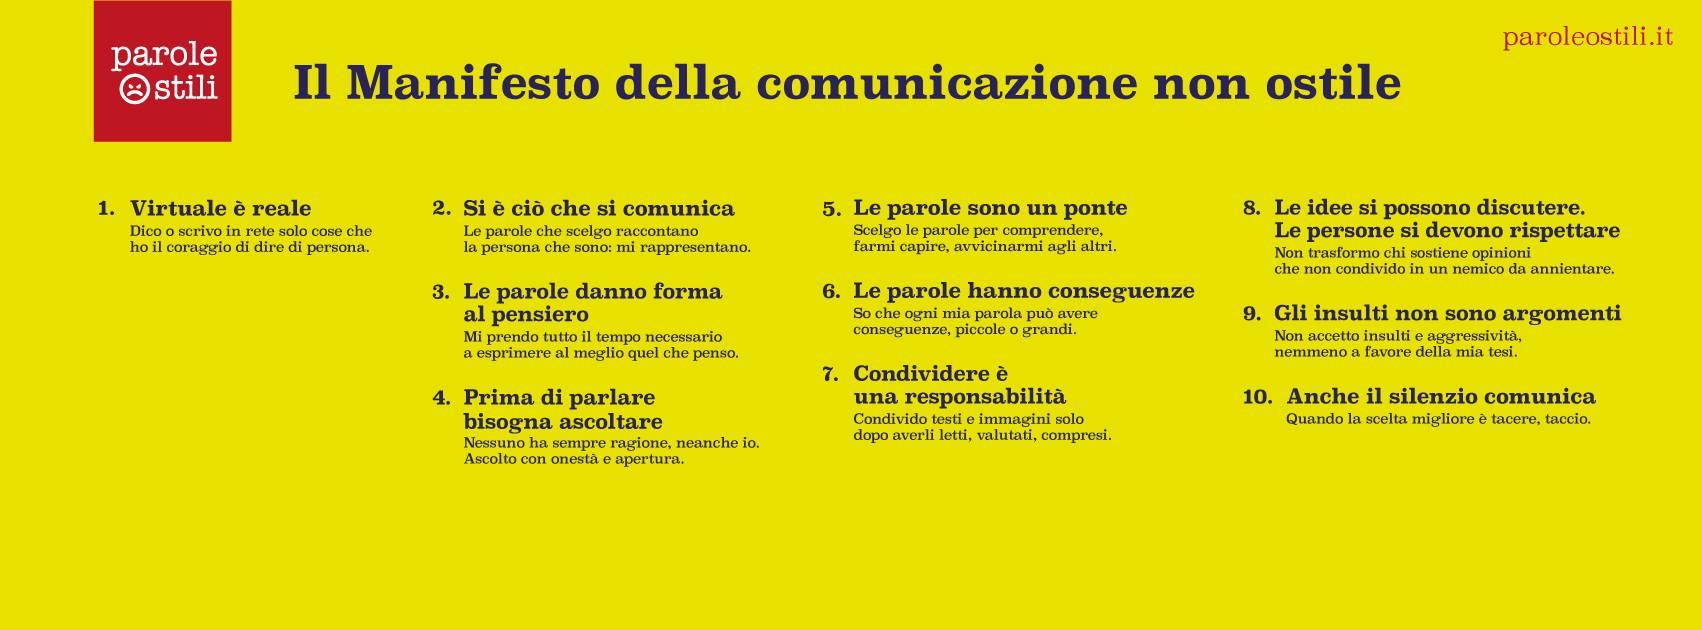 Parole o stili 10 punti per una comunicazione consapevole - Parole con due significati diversi ...